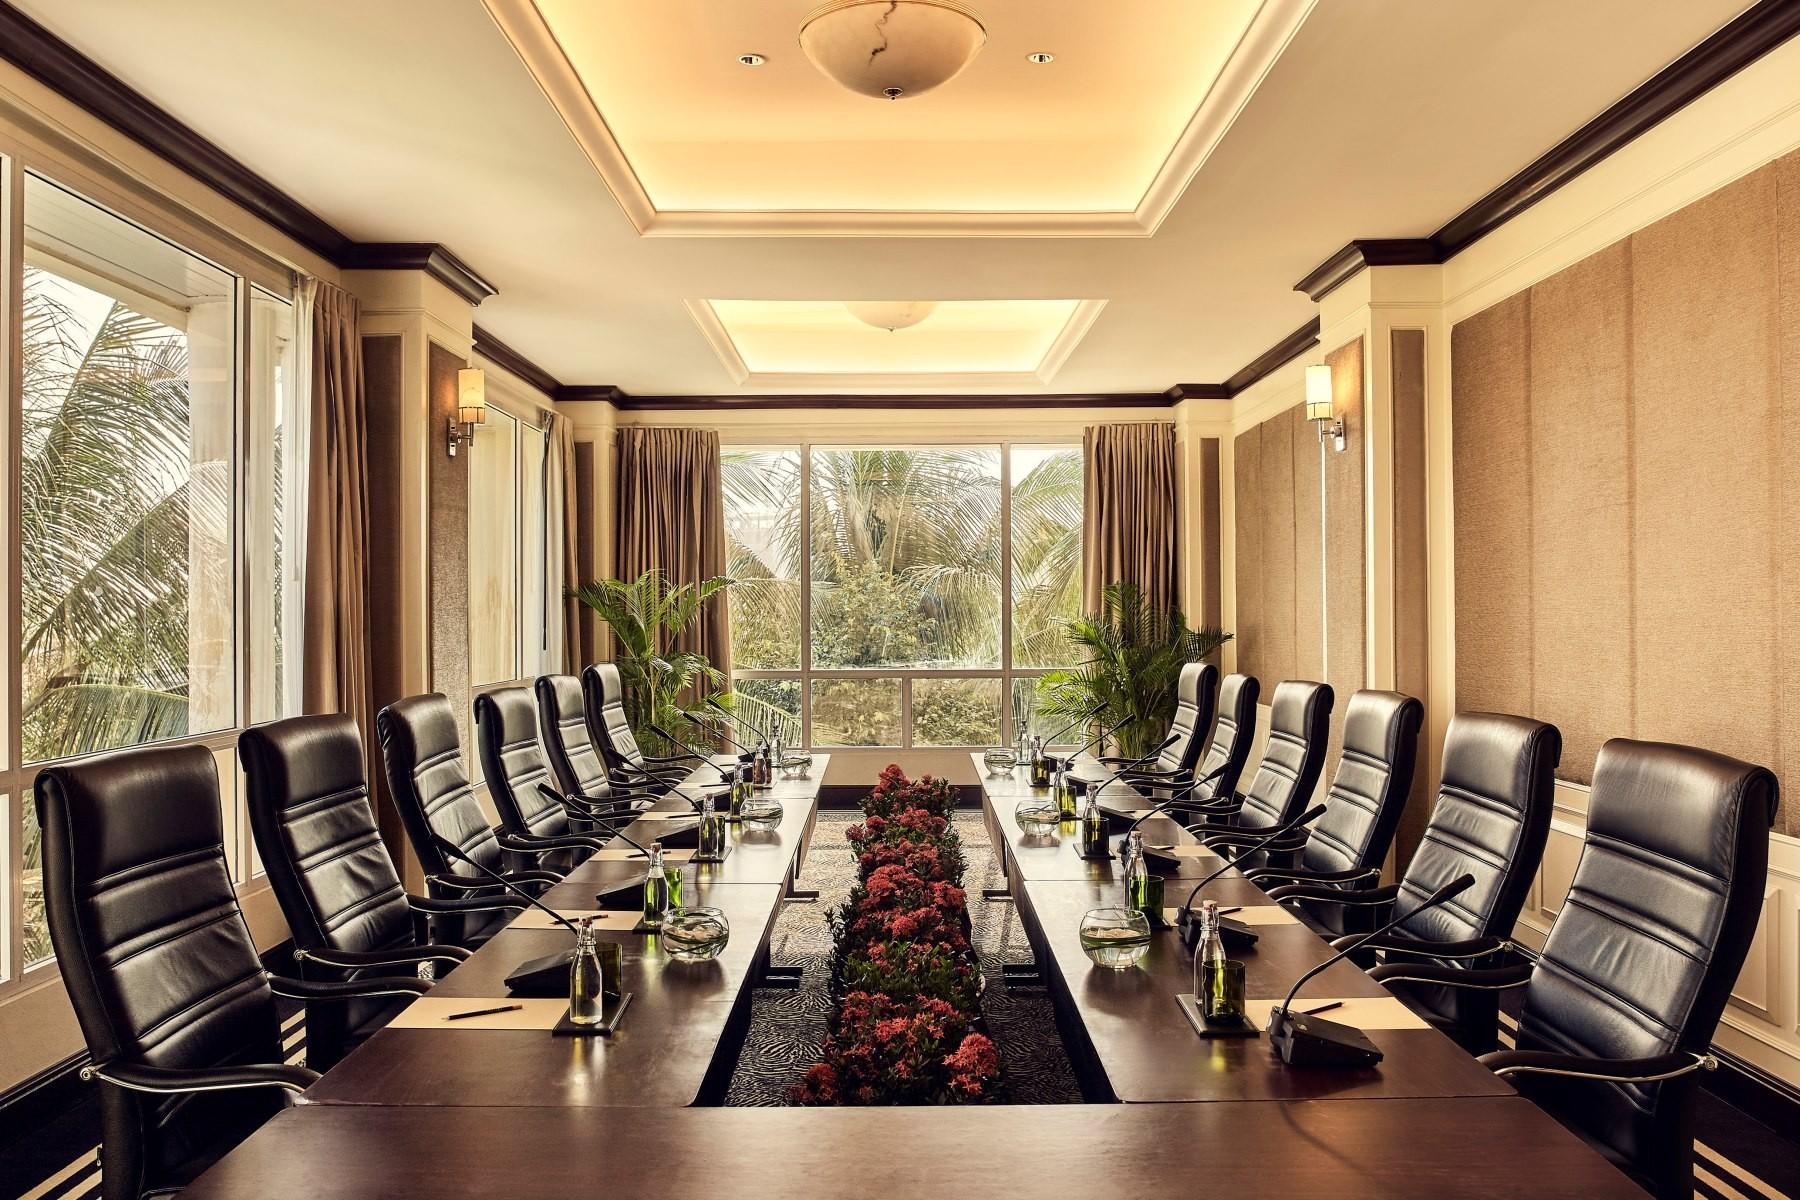 sofitel-phnompenh-phokeethra-meetings-boardroom.jpg